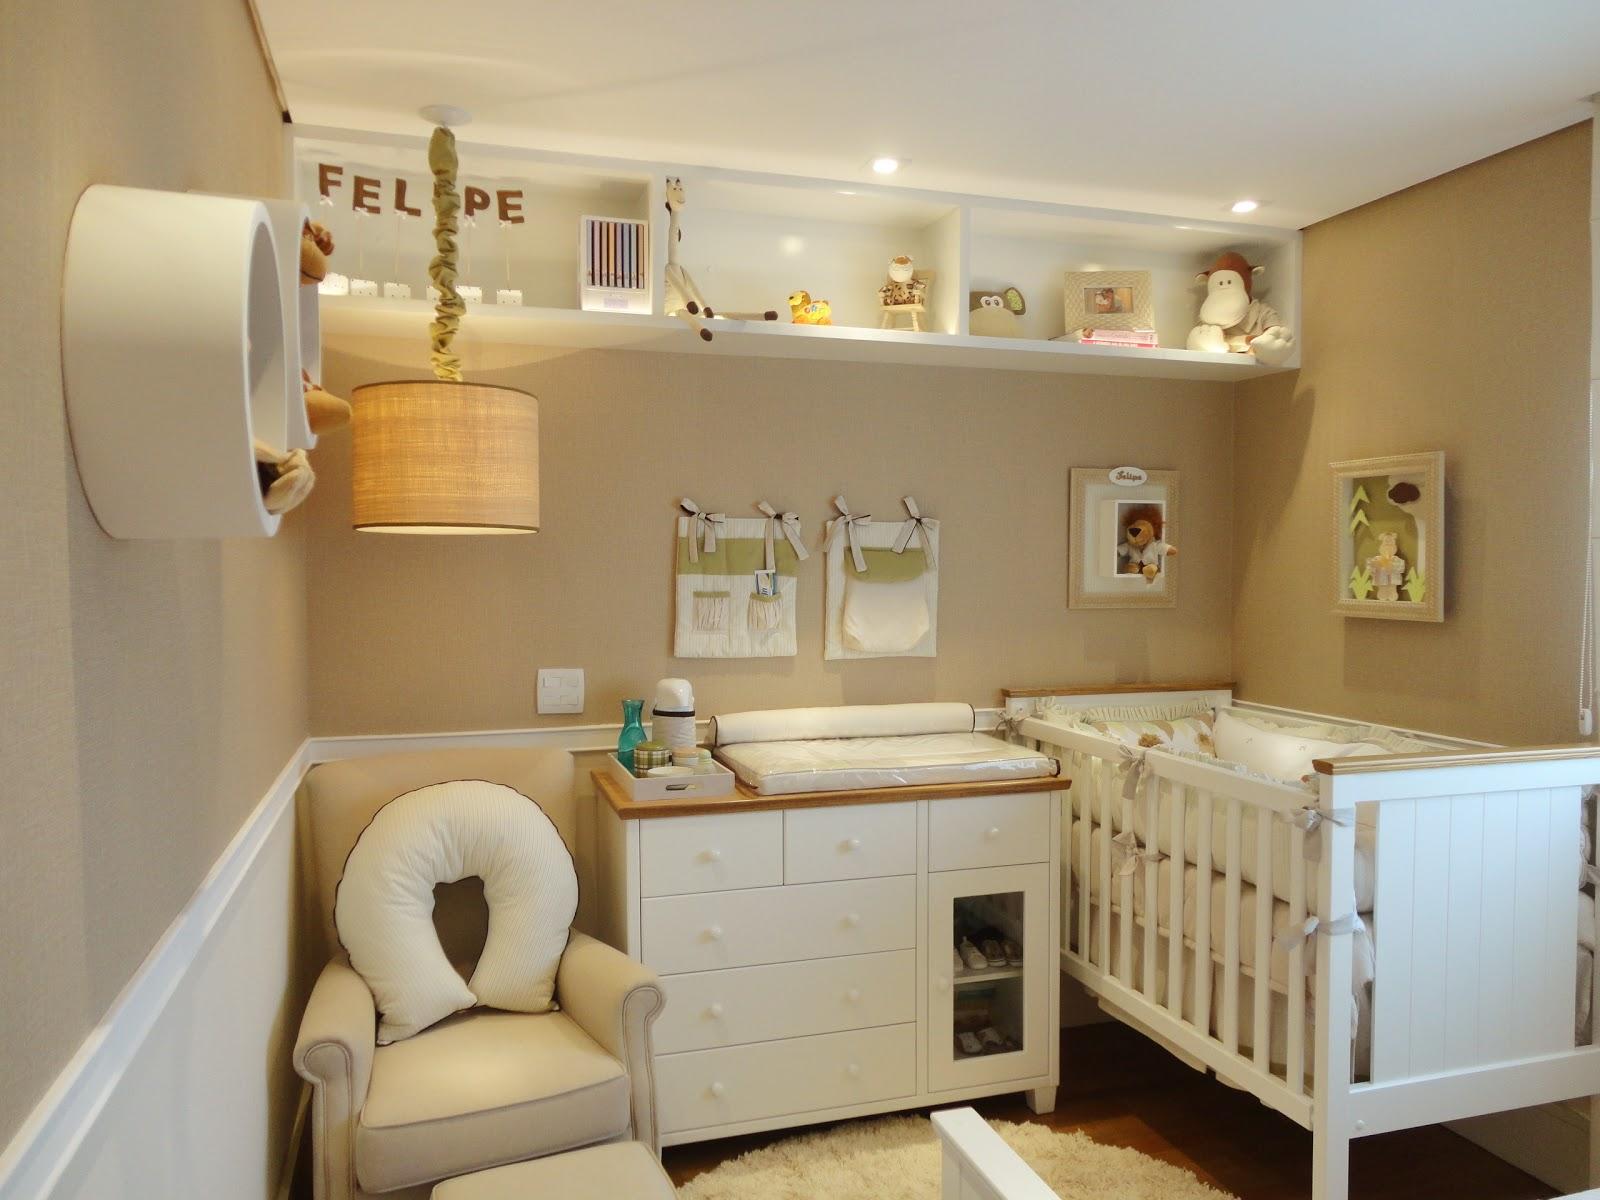 Studio Casa Mix Projeto Quarto de bebê ~ Wallpaper Quarto De Bebe